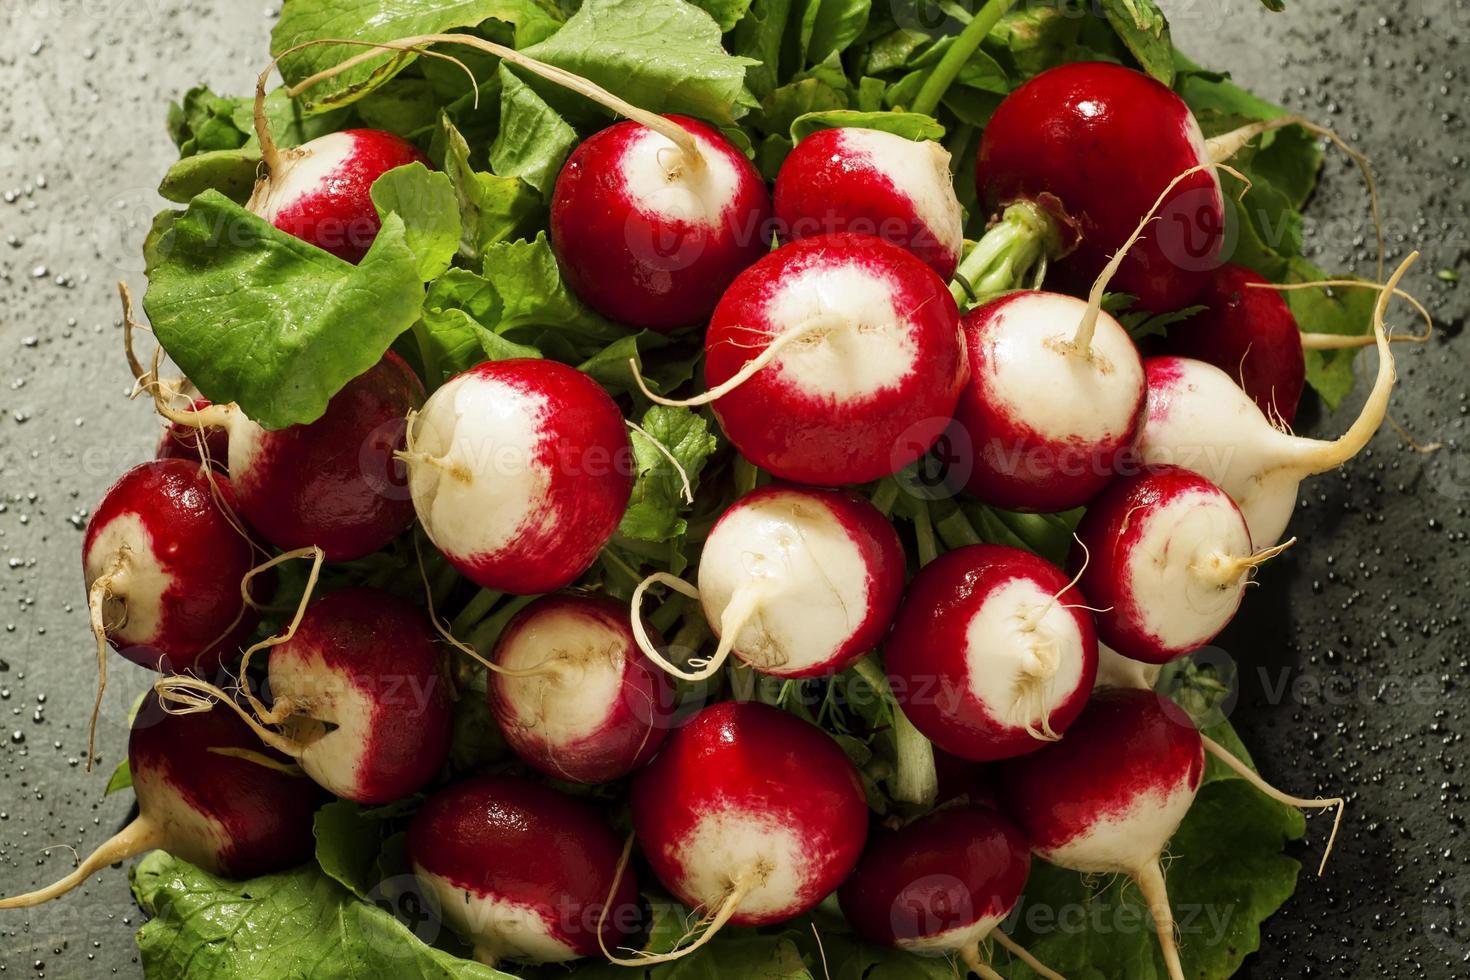 ð concetto di cibo vegano: ravanelli con gocce d'acqua foto